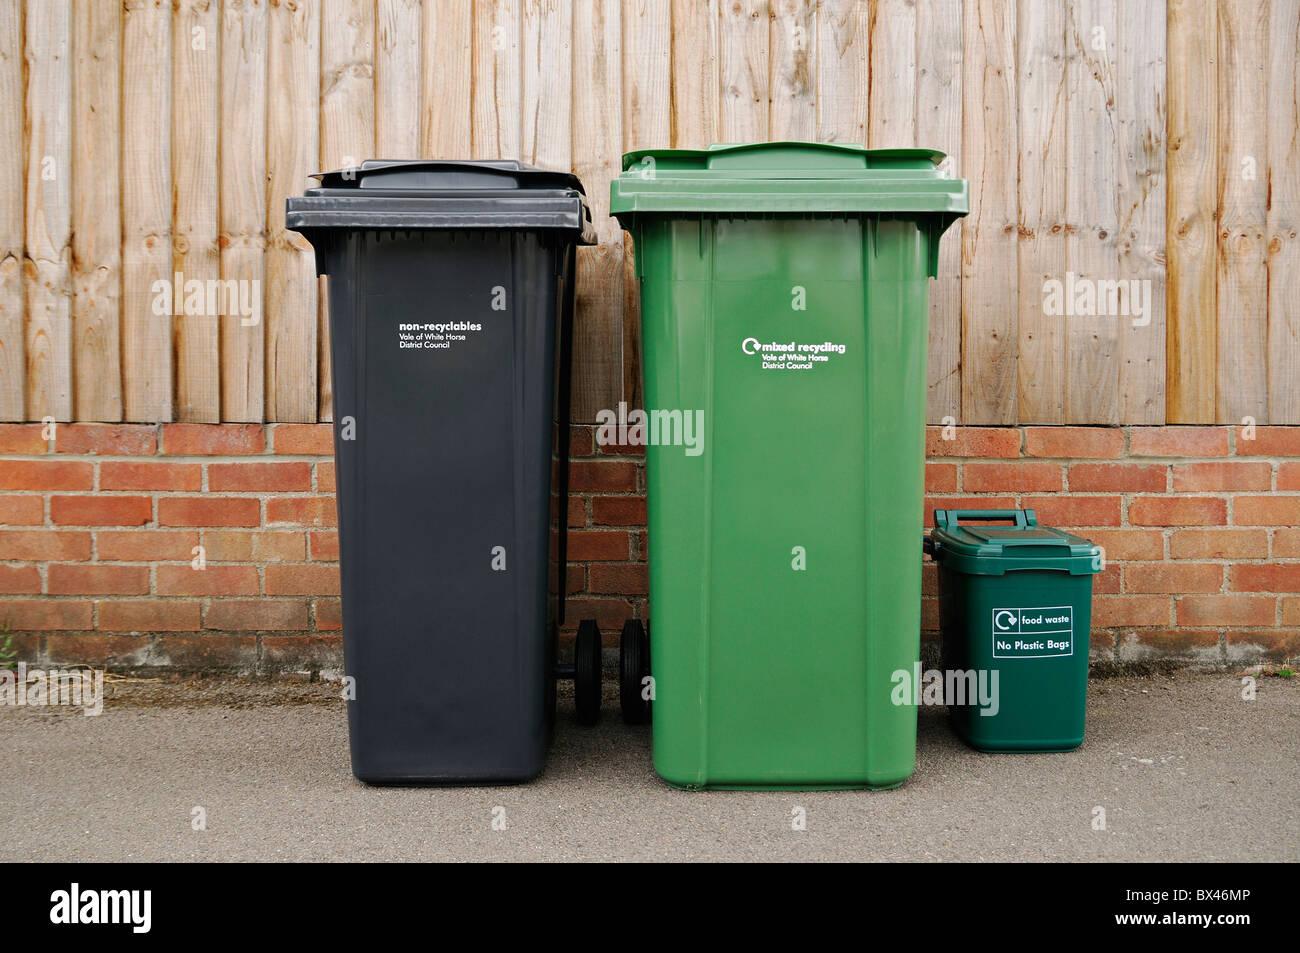 Abgeplatzte Recycling und Mülltonnen außerhalb eine Wohnimmobilie, Oxfordshire, Vereinigtes Königreich. Stockbild